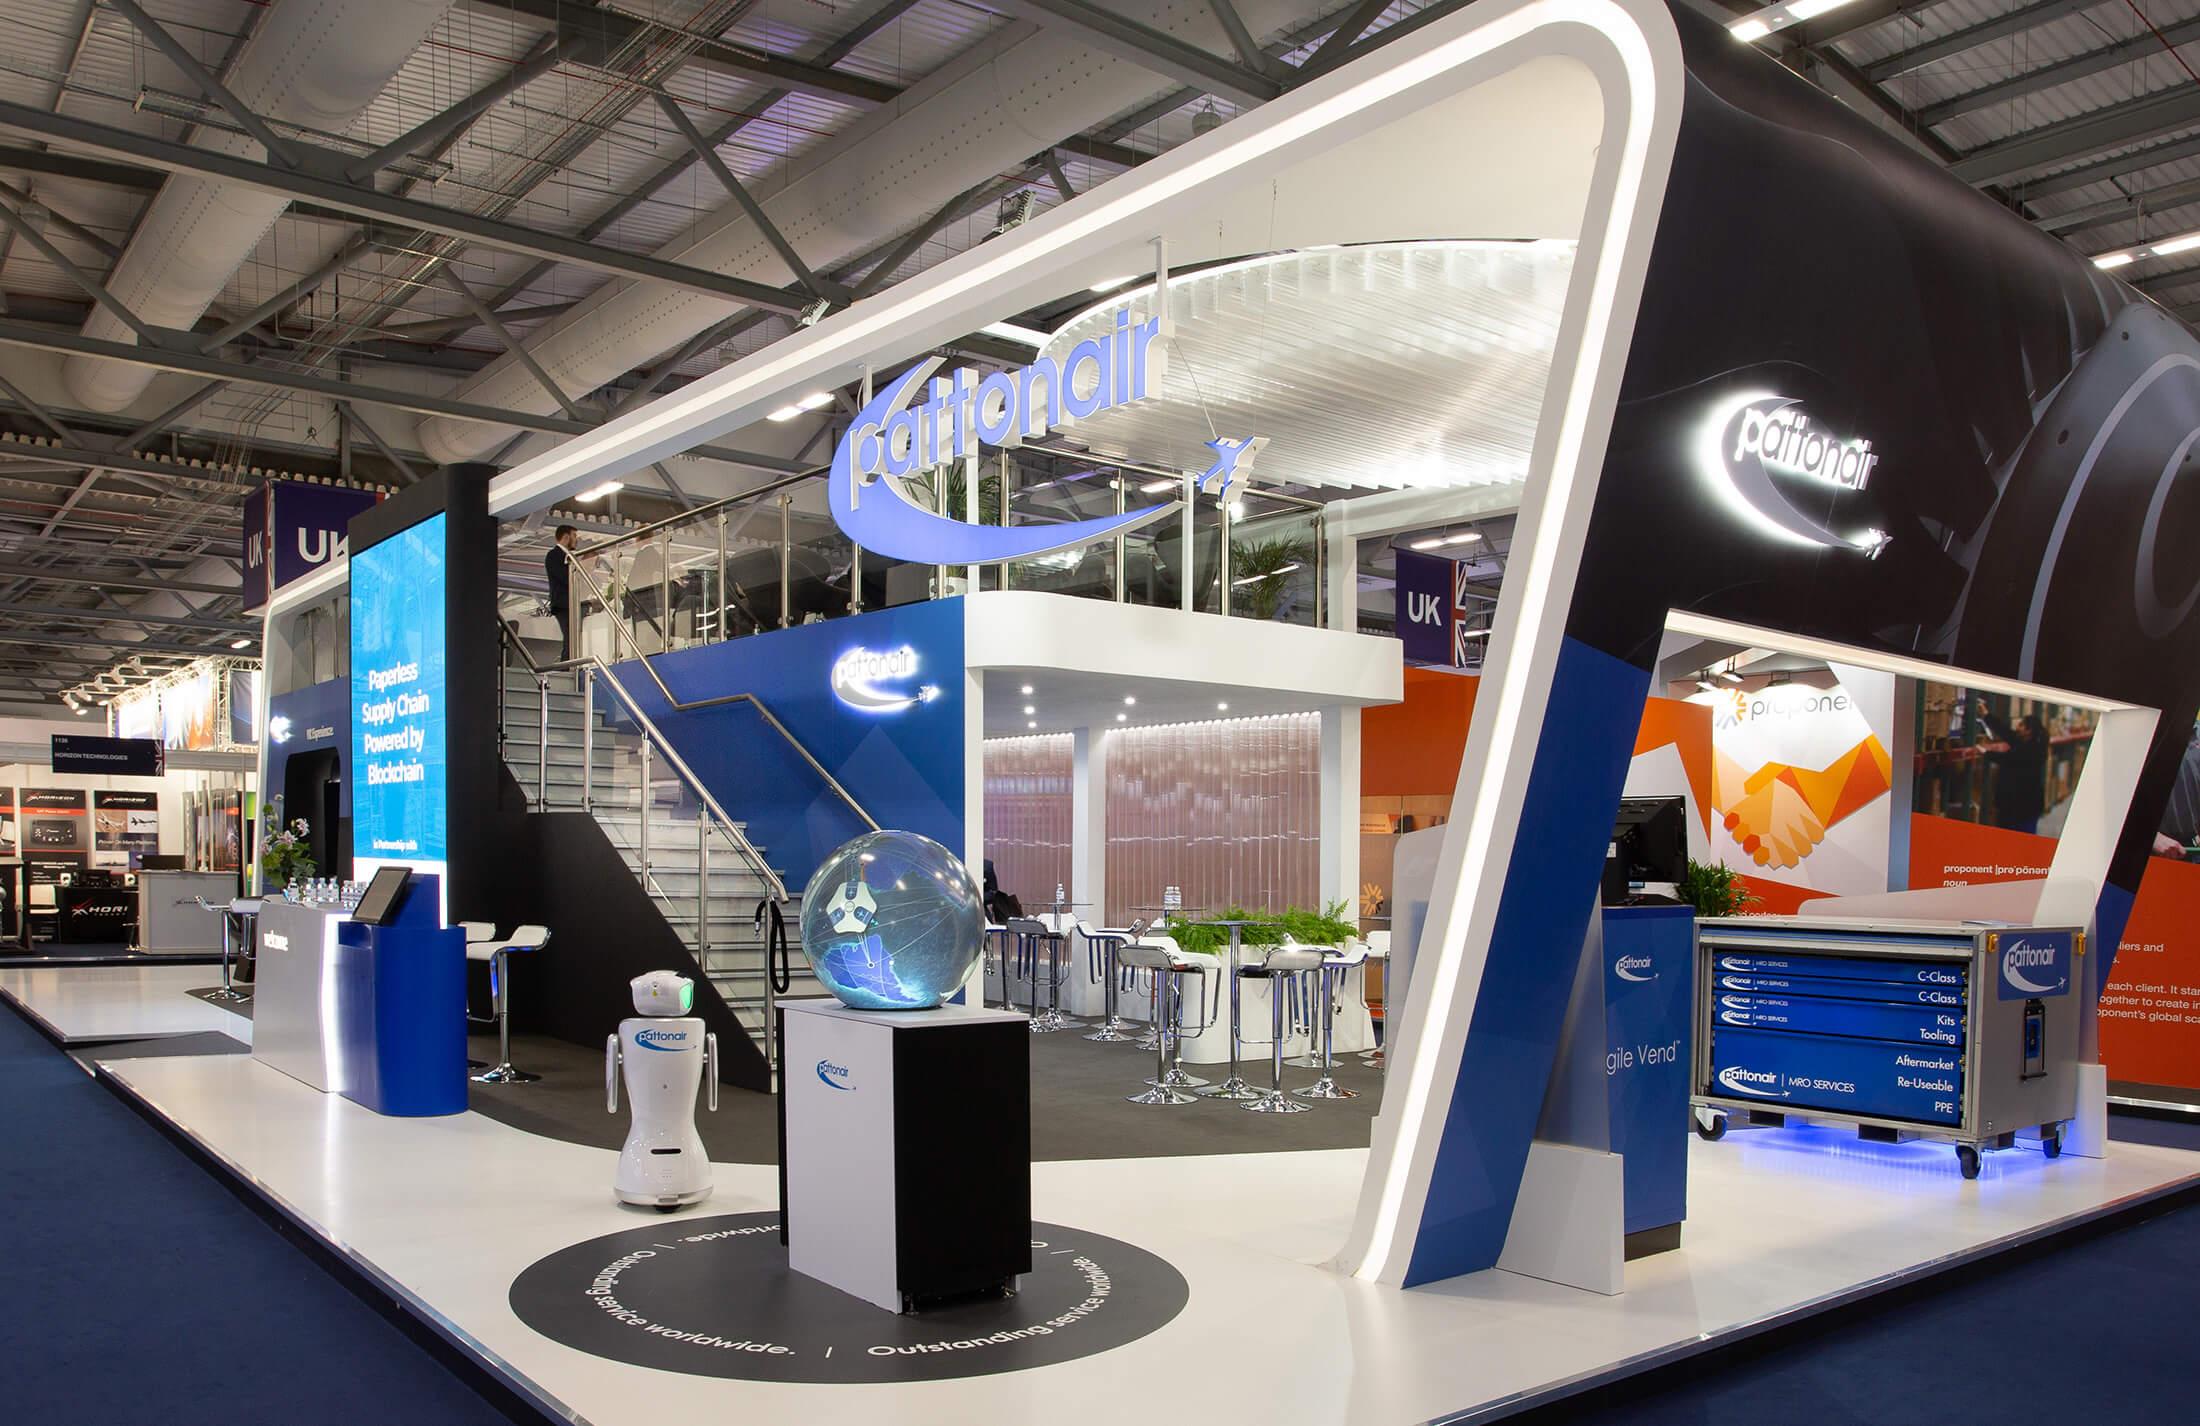 Pattonair Exhibition Stand Design